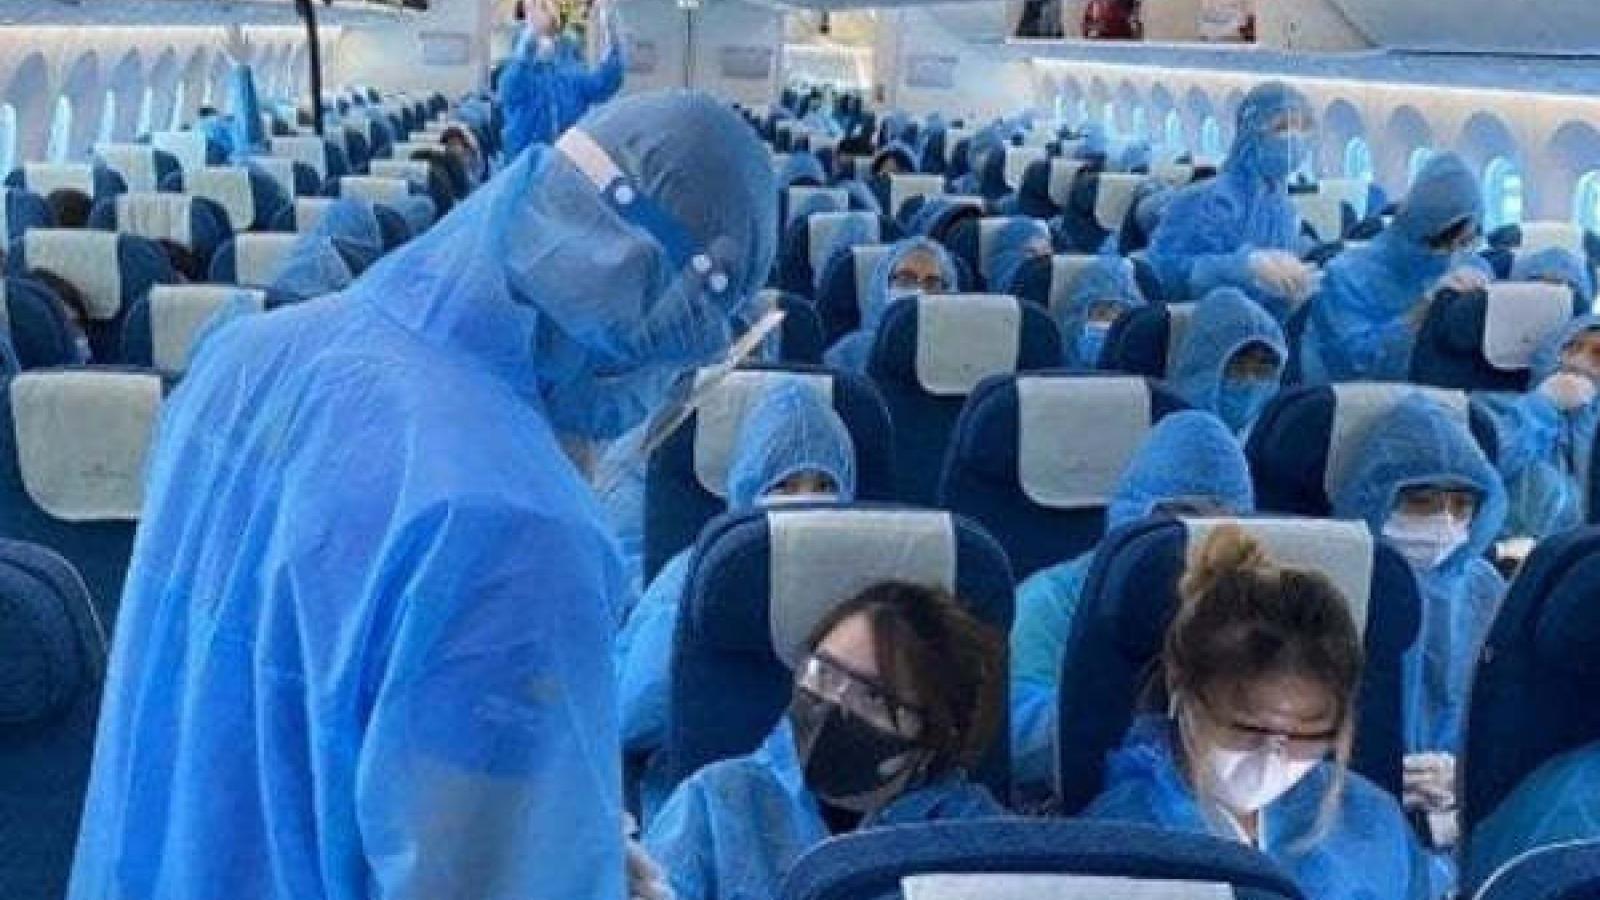 Nóng 24h: Nam tiếp viên Vietnam Airlines có thể bị phạt tù